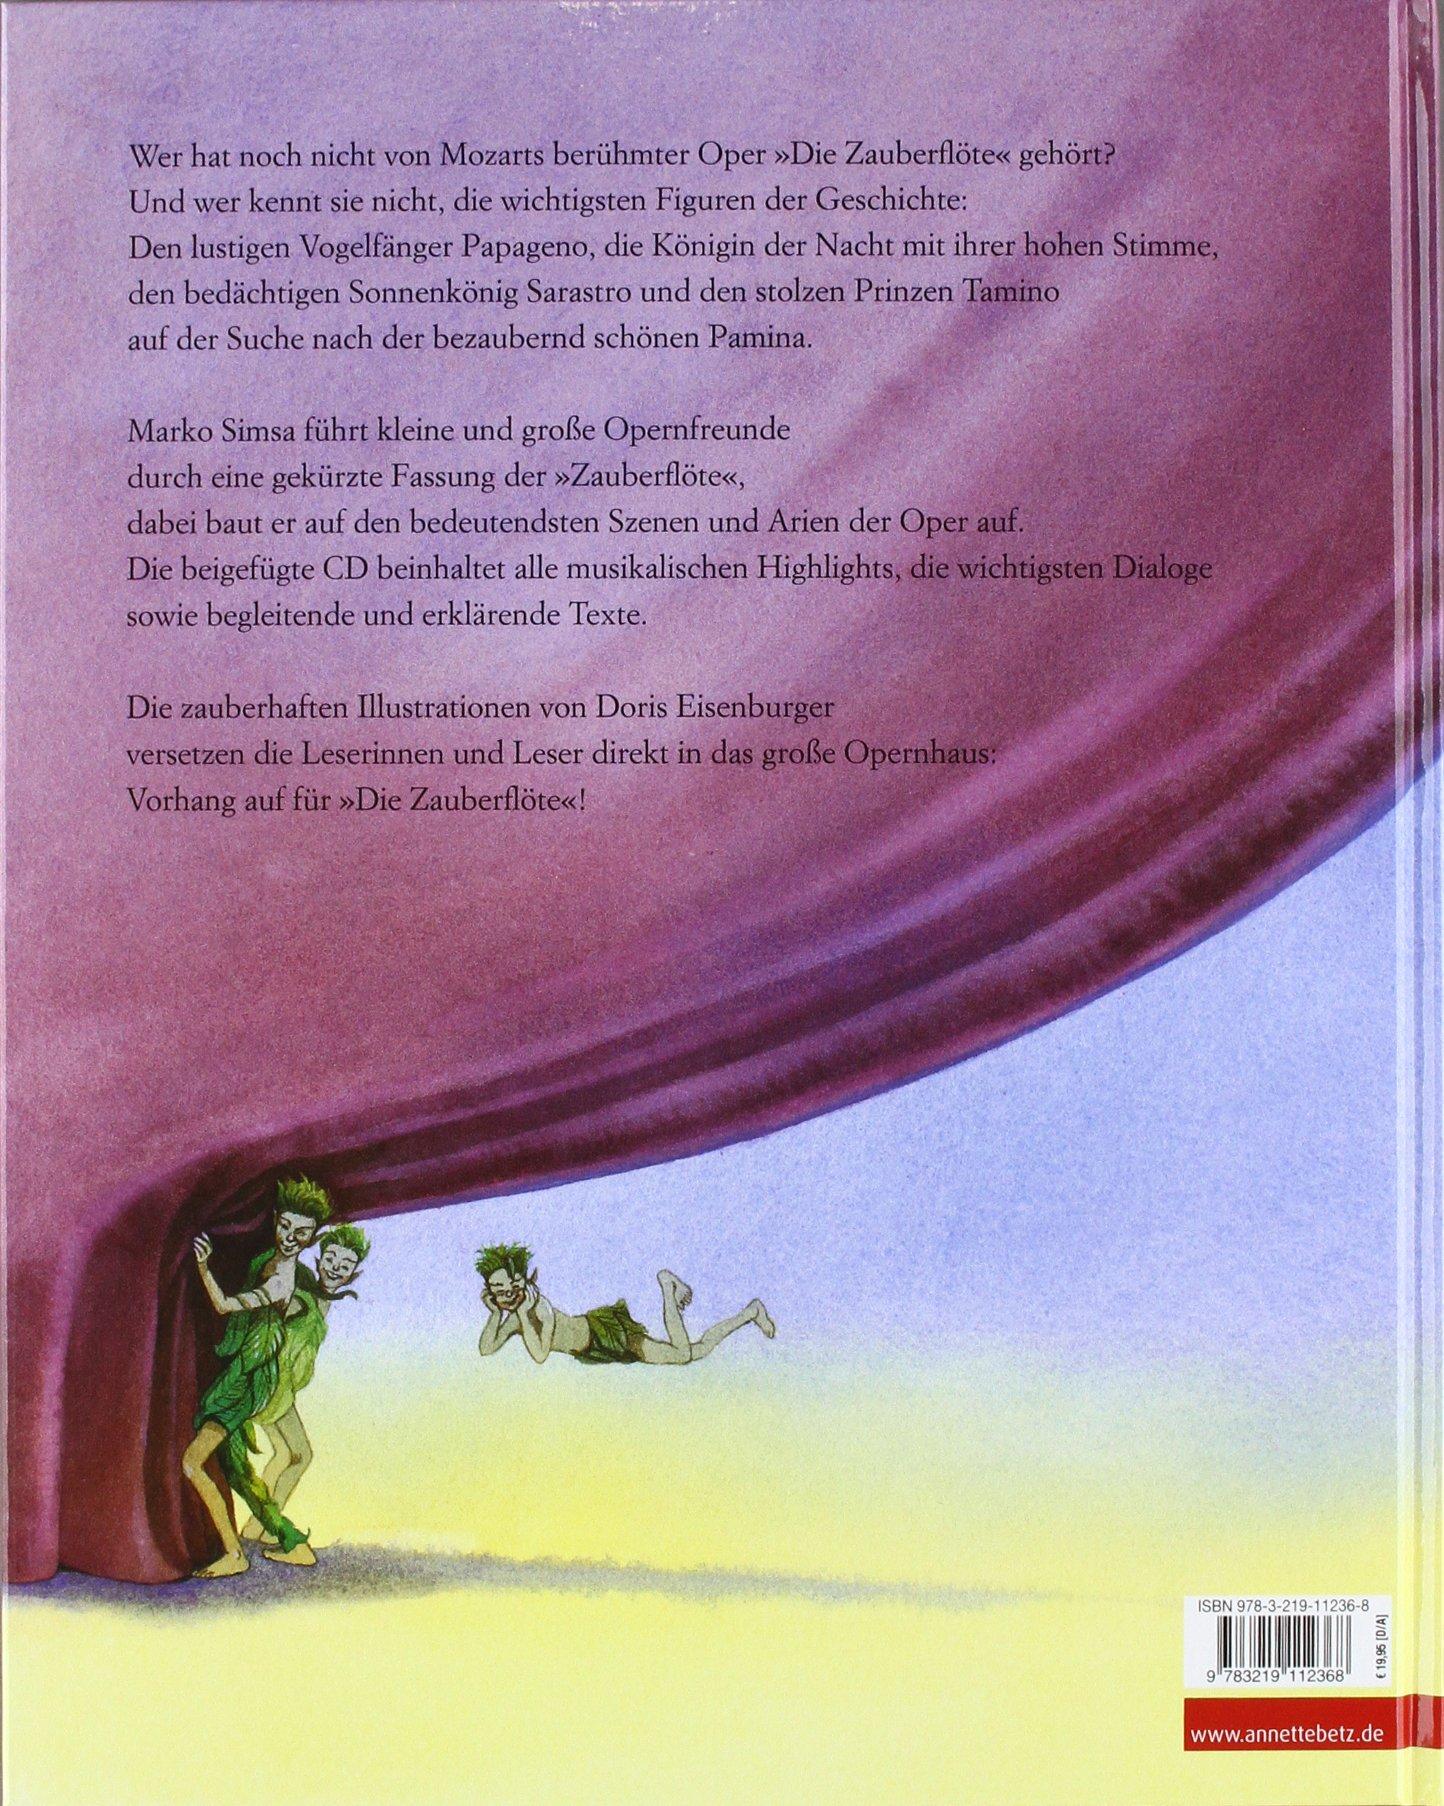 Die Zauberflöte Oper von Wolfgang Amadeus Mozart mit Begleit CD Amazon Marko Simsa Doris Eisenburger Bücher